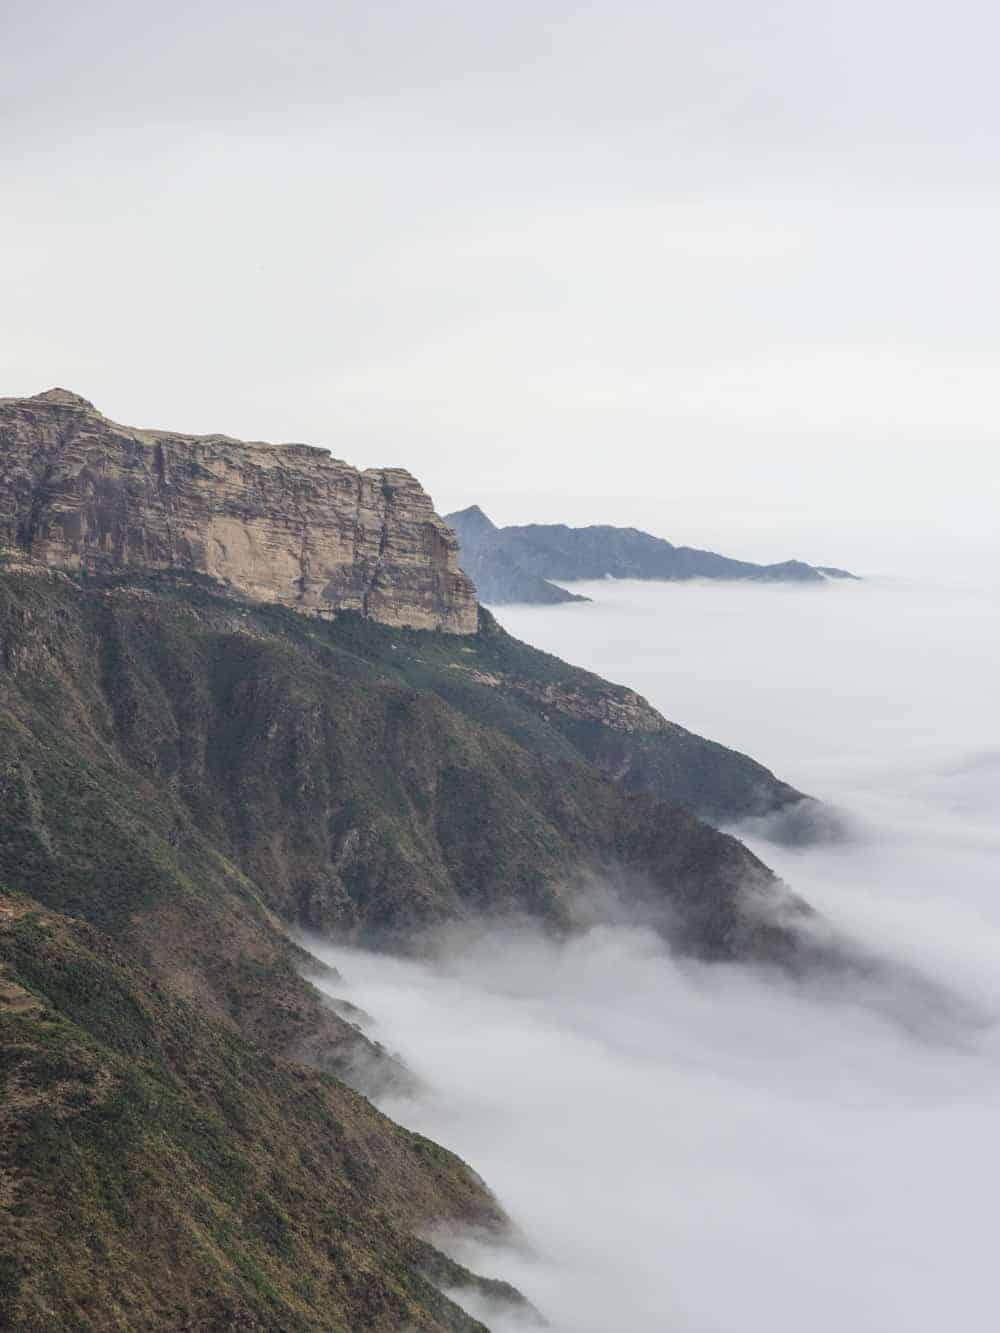 Qohaito Canyon in Eritrea